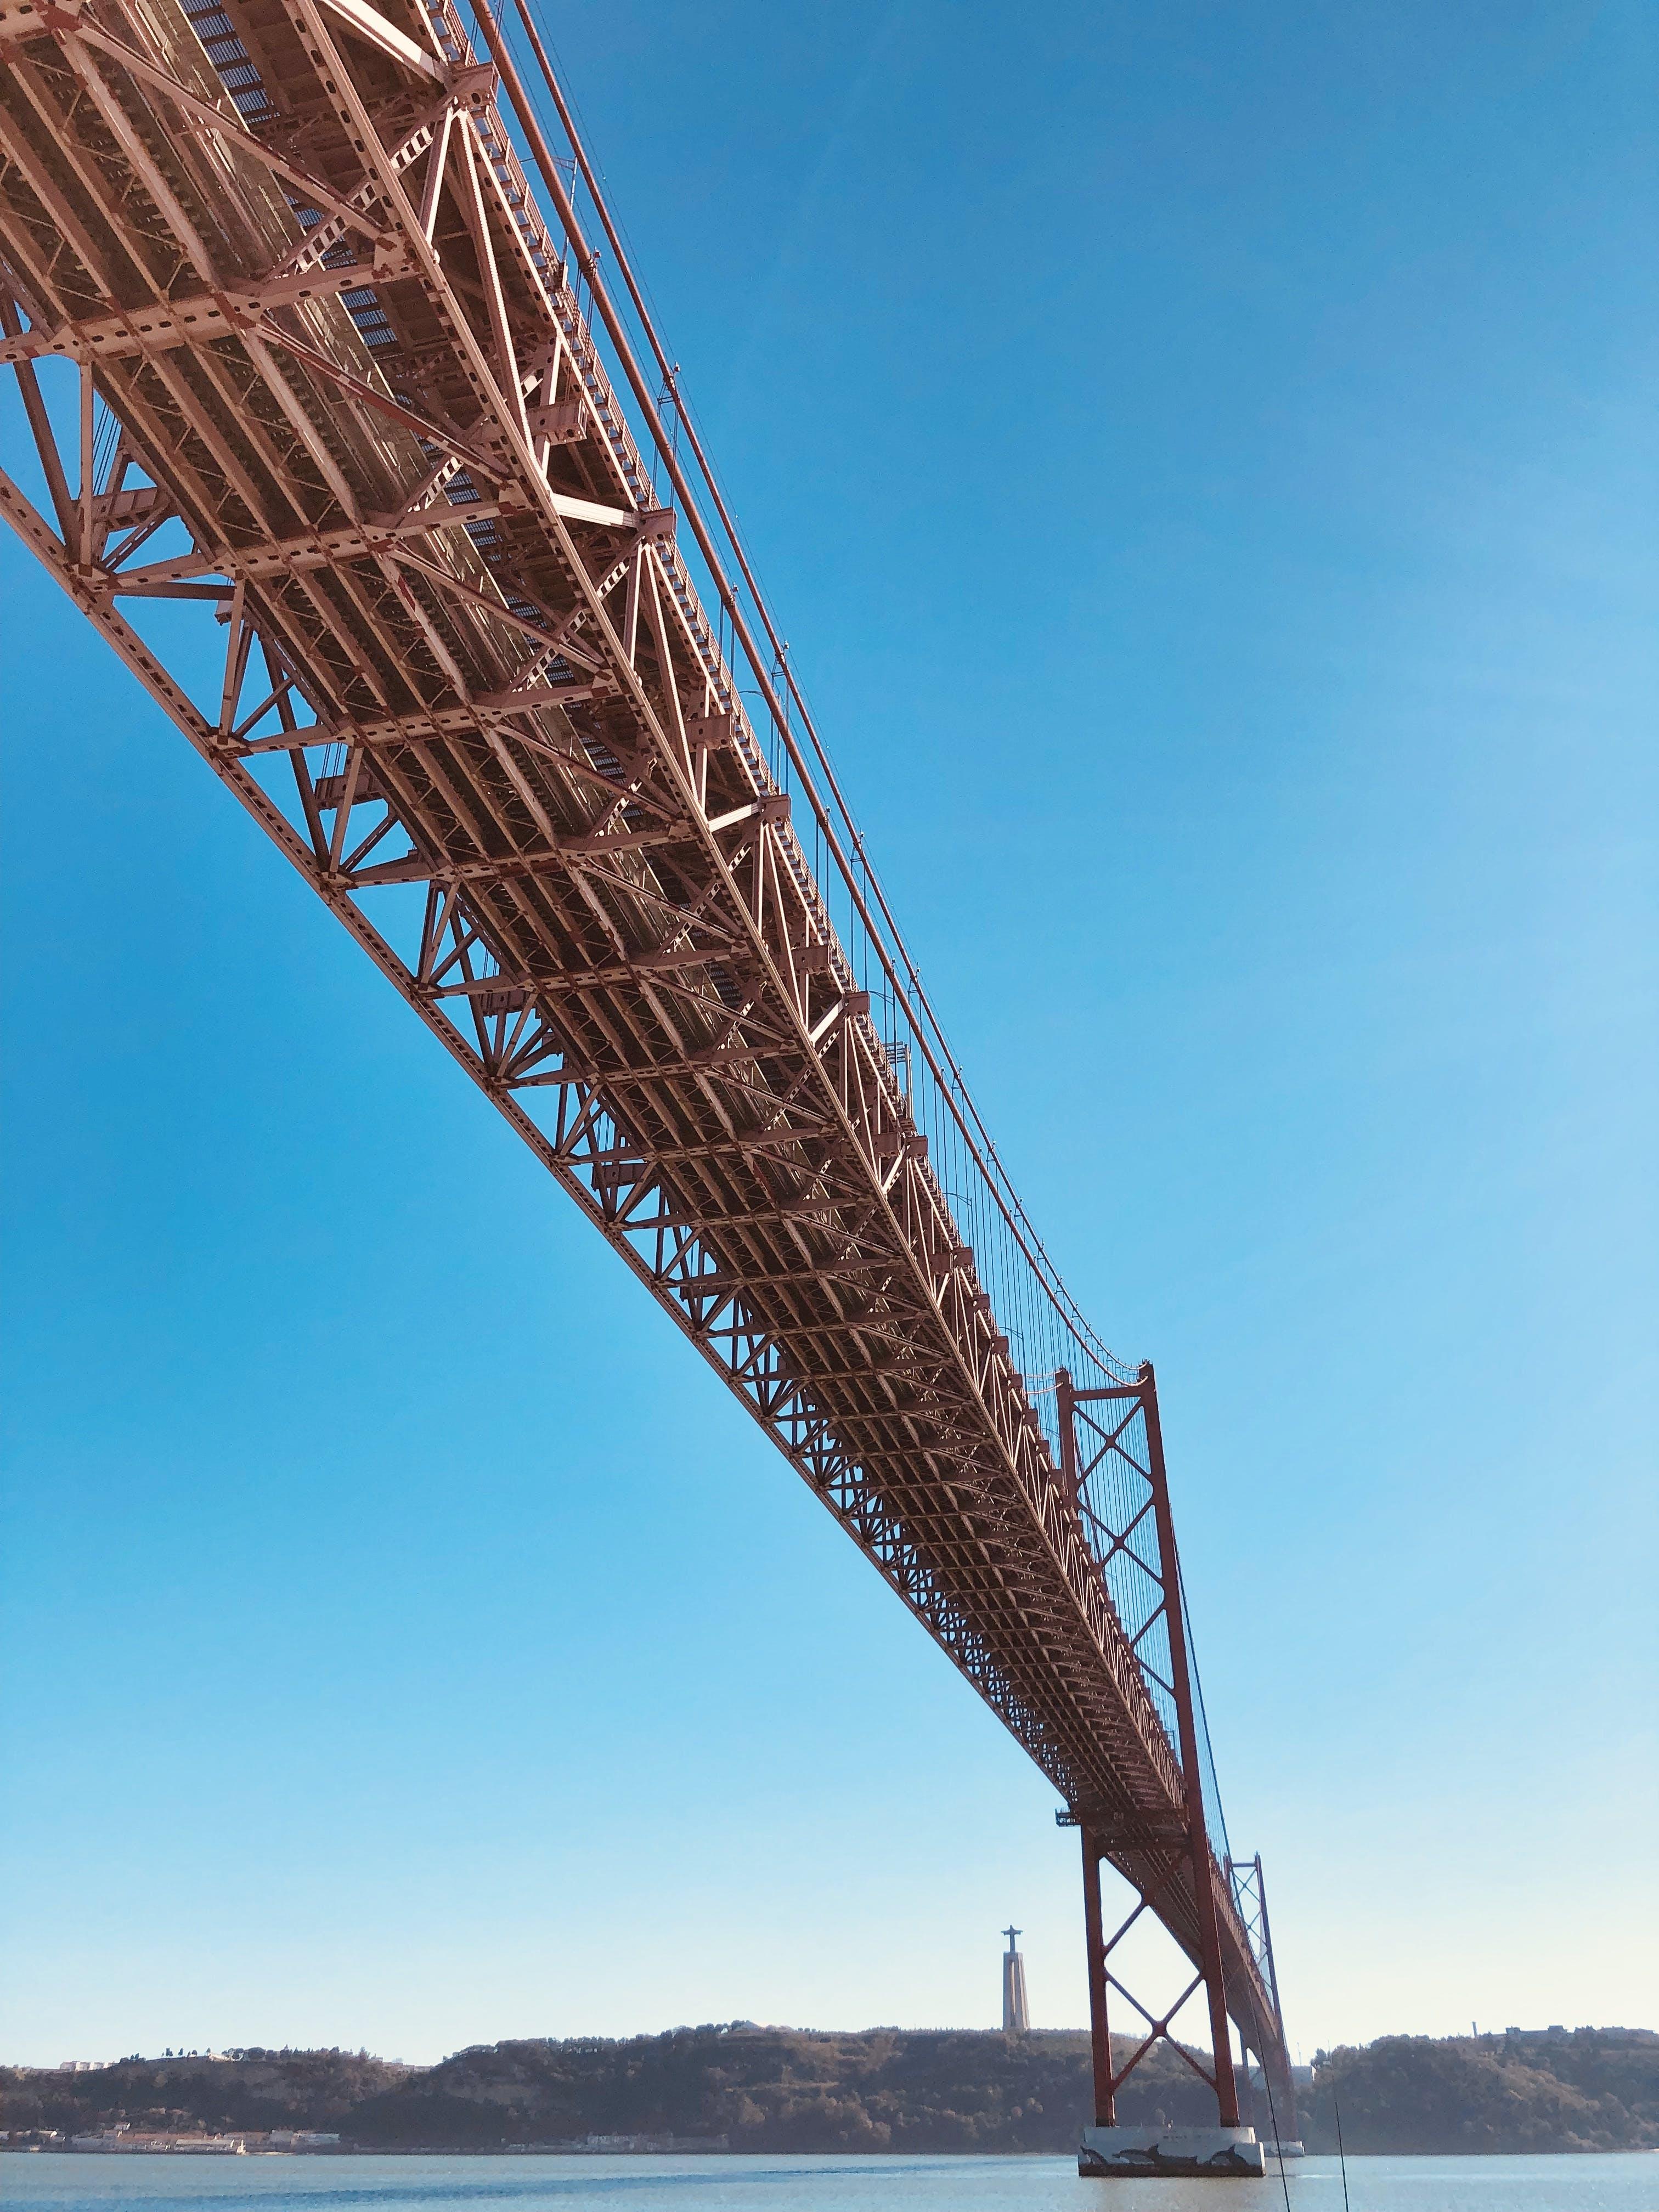 25 de abril köprüsü, altyapı, dar açılı çekim, dar açılı fotoğraf içeren Ücretsiz stok fotoğraf